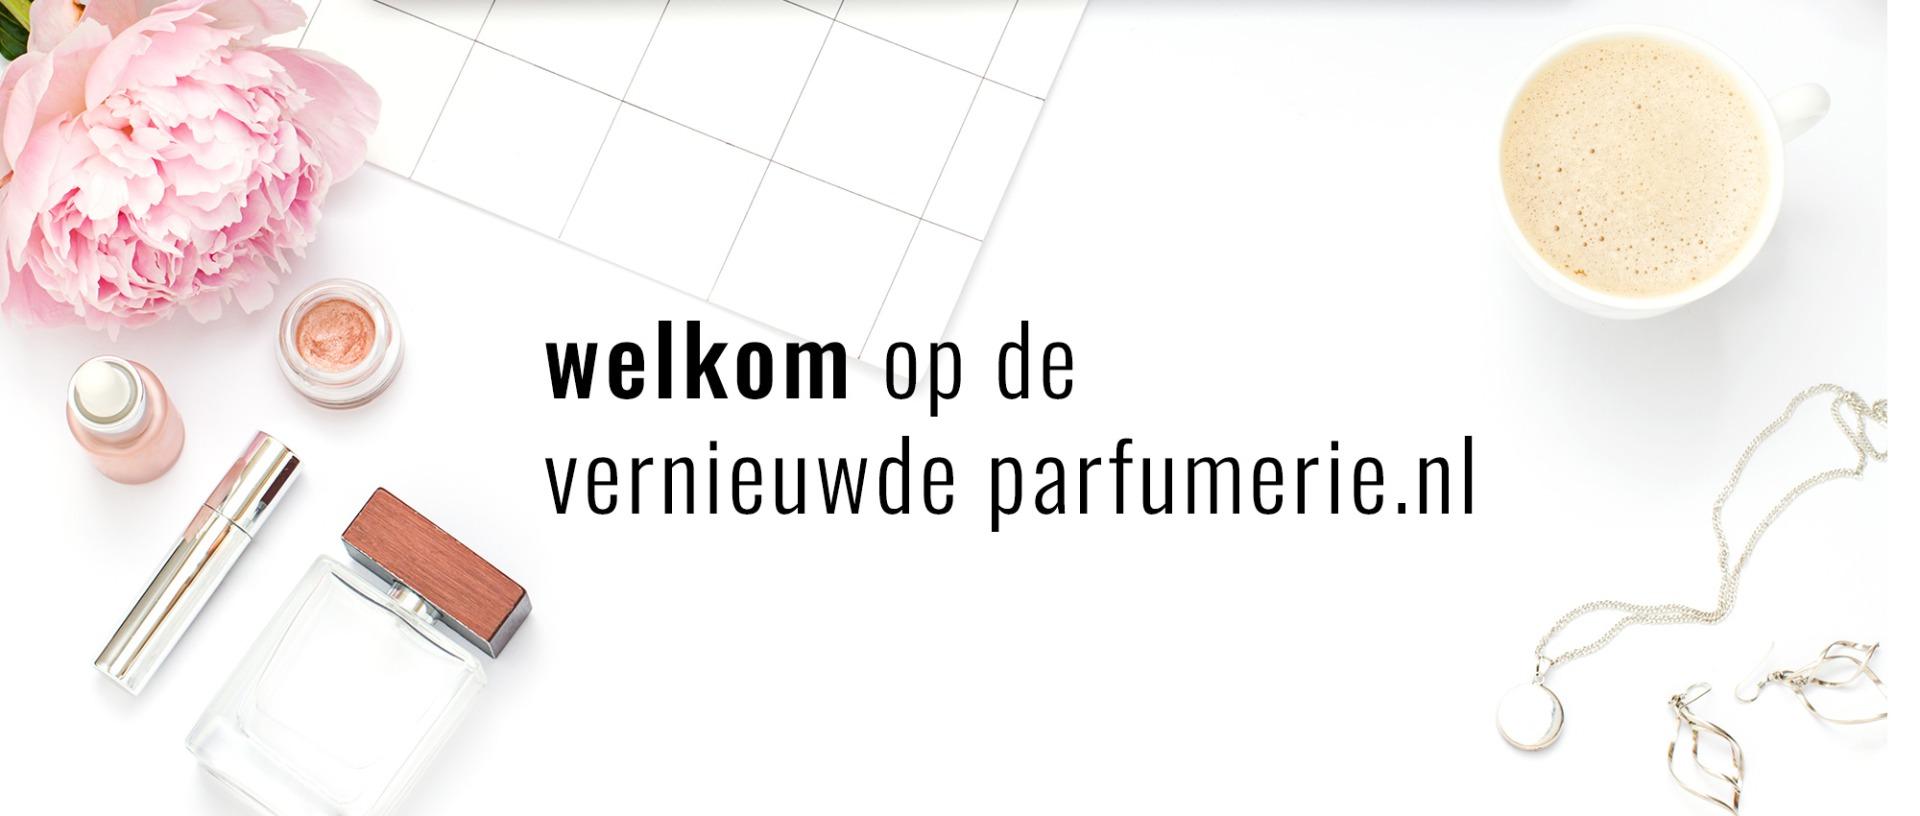 Welkom op de vernieuwde parfumerie.nl